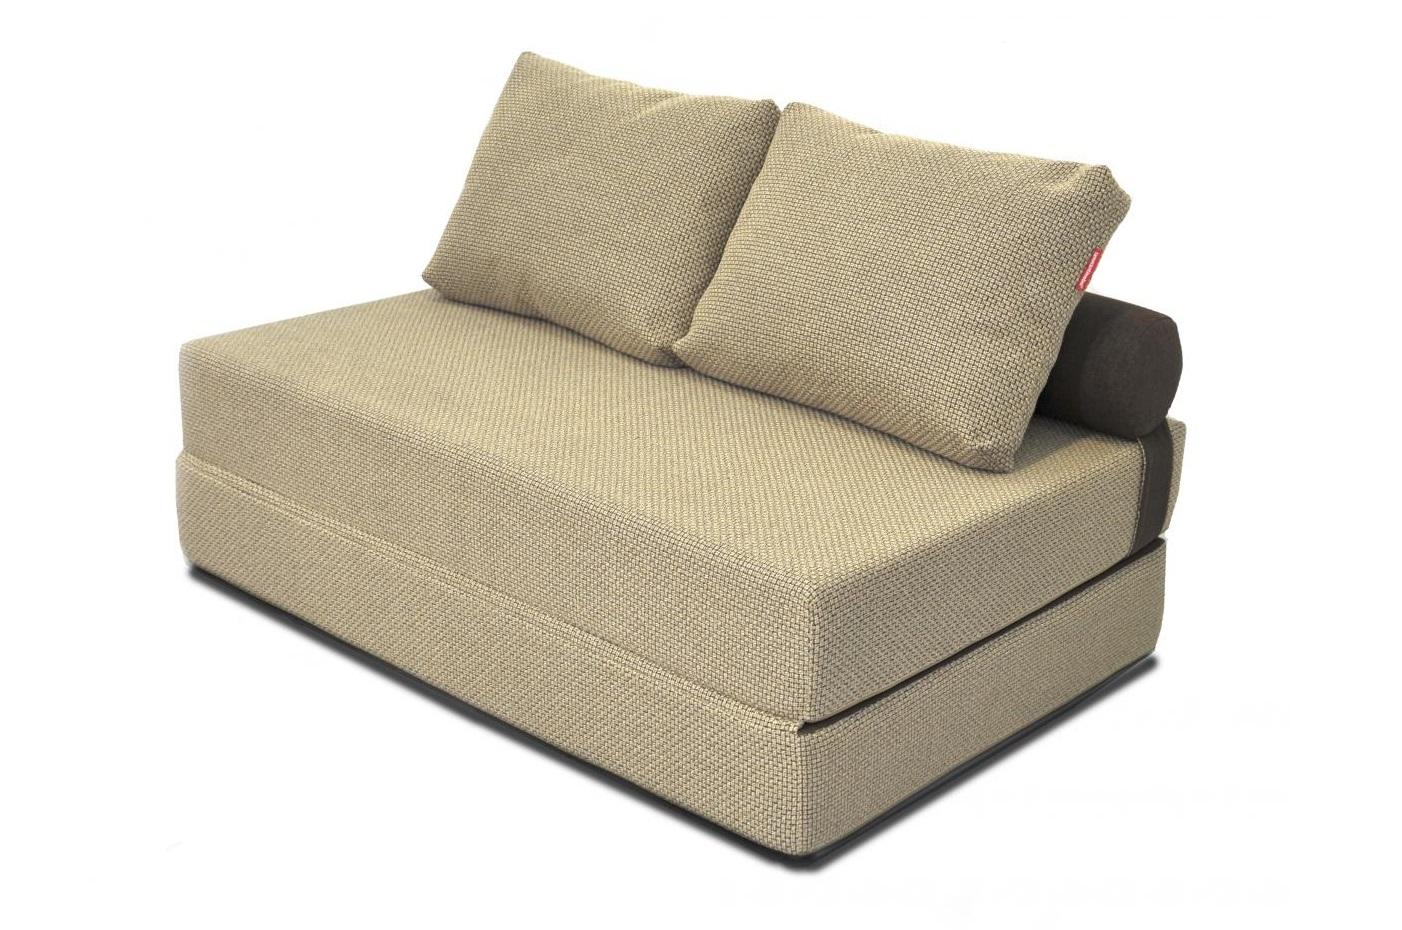 Диван-кровать Costa GoldПрямые раскладные диваны<br>Бескаркасное кресло-кровать из коллекции IQMebel  - это одновременно и уютный диванчик для двоих и полноценная двуспальная  кровать (размером 140*200). Оно экономит место в вашей квартире. Кресло–кровать незаменимо, когда к вам неожиданно нагрянули гости с ночевкой. В отличии от стандартной корпусной мебели его можно с легкостью передвигать с места на место, ведь его вес всего 25 кг. Отсутствие твердых элементов гарантирует вашу безопасность и защиту от травм. Габариты: ширина 140 см., длина 100см. (в сложенном виде), длина 200см. (в разложенном).&amp;amp;nbsp;&amp;lt;div&amp;gt;&amp;lt;br&amp;gt;&amp;lt;/div&amp;gt;&amp;lt;div&amp;gt;Ткань: внешний чехол – рогожка, полиэстер.&amp;amp;nbsp;&amp;lt;/div&amp;gt;&amp;lt;div&amp;gt;Внутренний чехол – есть, нейлон-хлопок.&amp;amp;nbsp;&amp;lt;/div&amp;gt;<br><br>Material: Текстиль<br>Length см: None<br>Width см: 100<br>Depth см: 140<br>Height см: 40